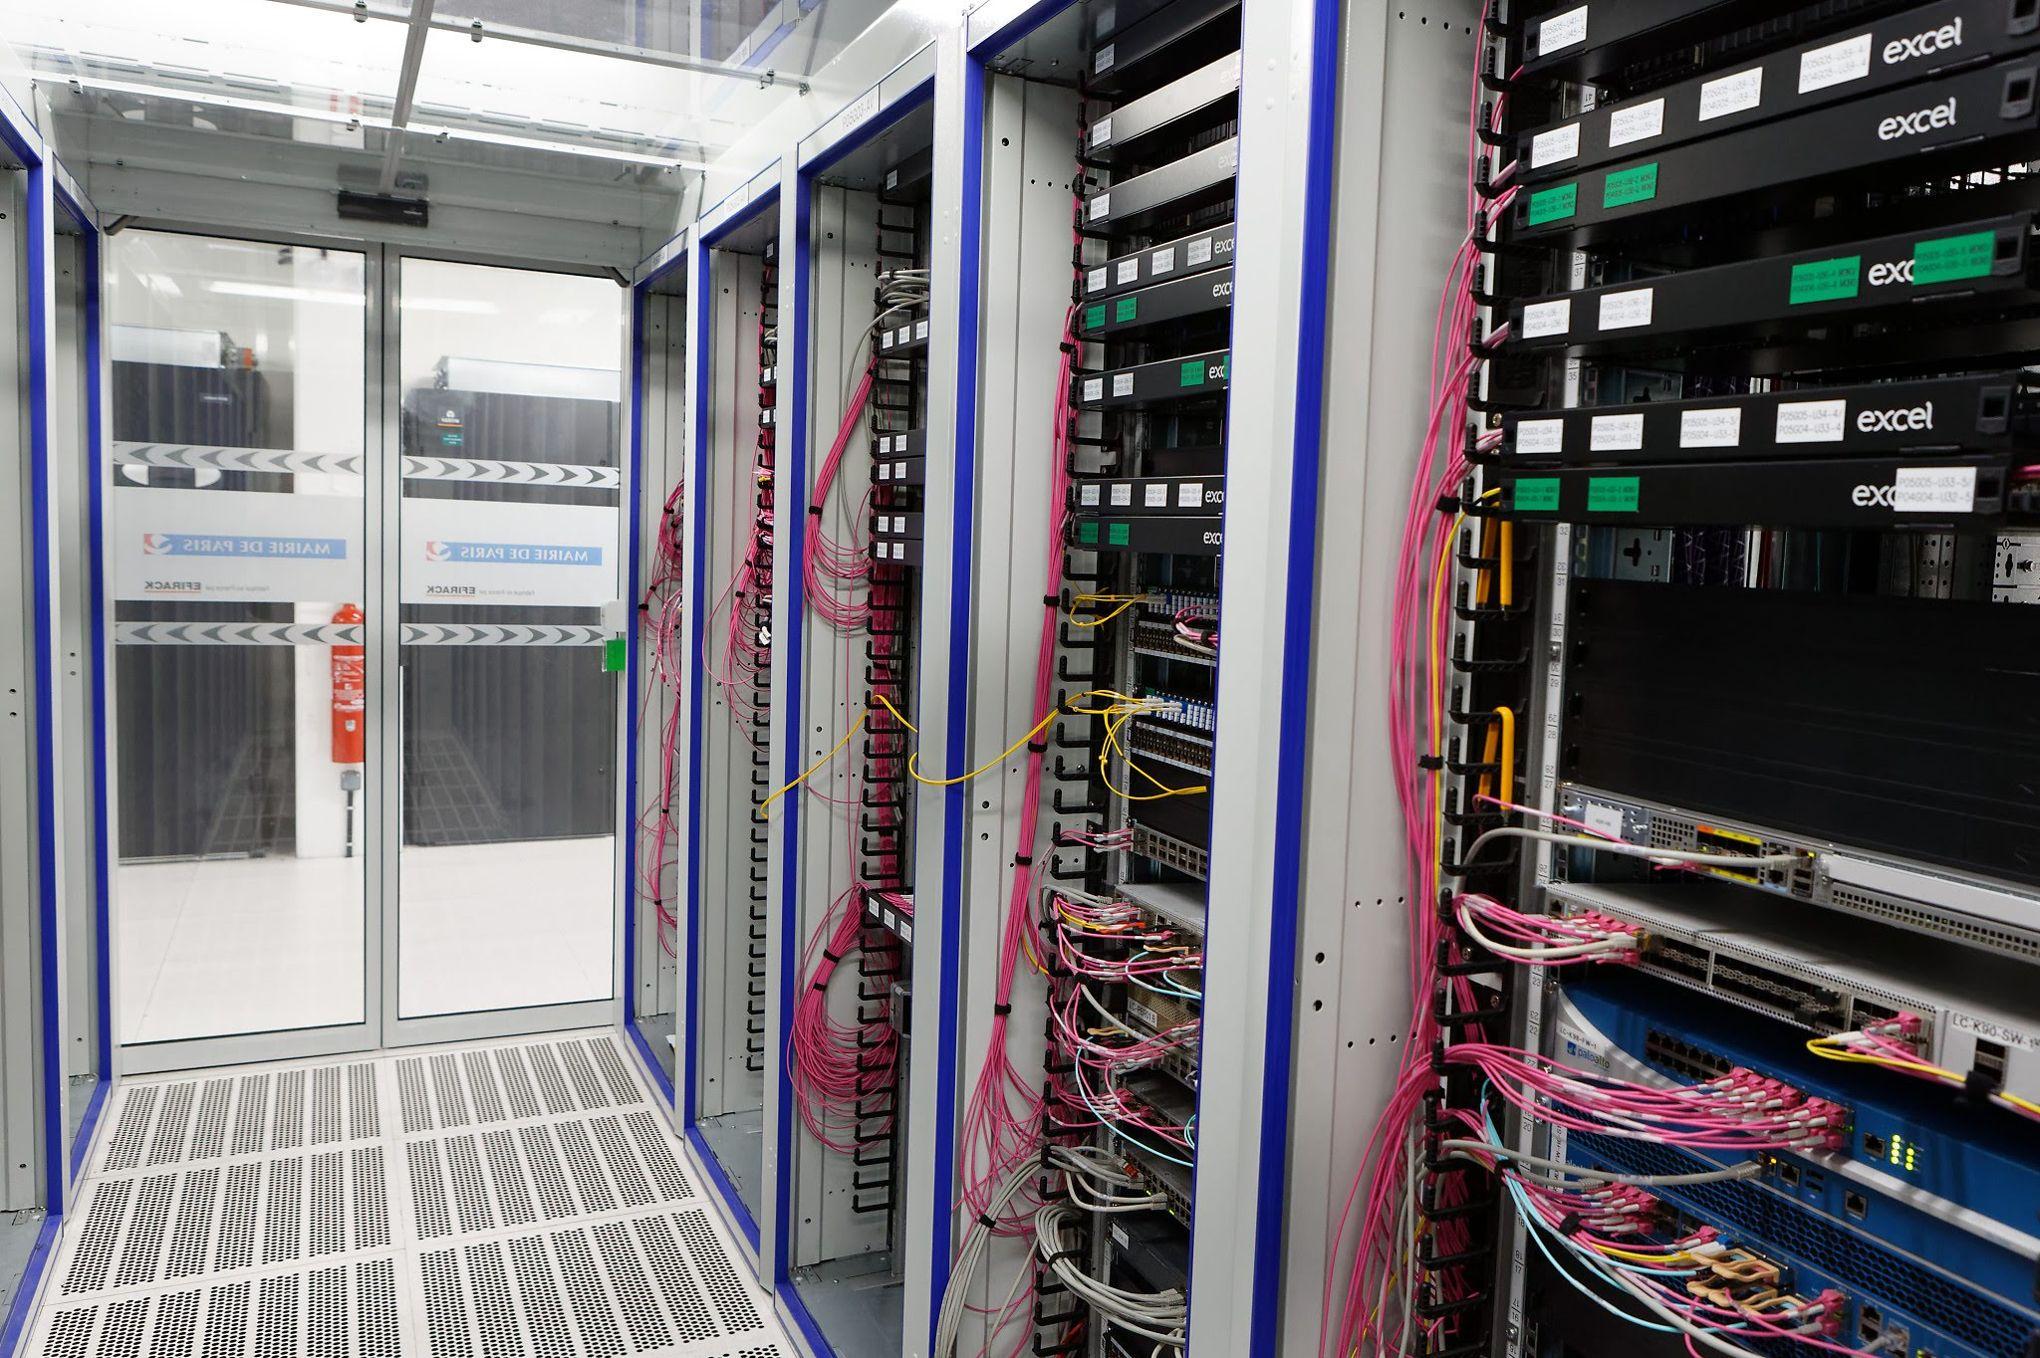 Paris reprend le contrôle des données personnelles de ses habitants